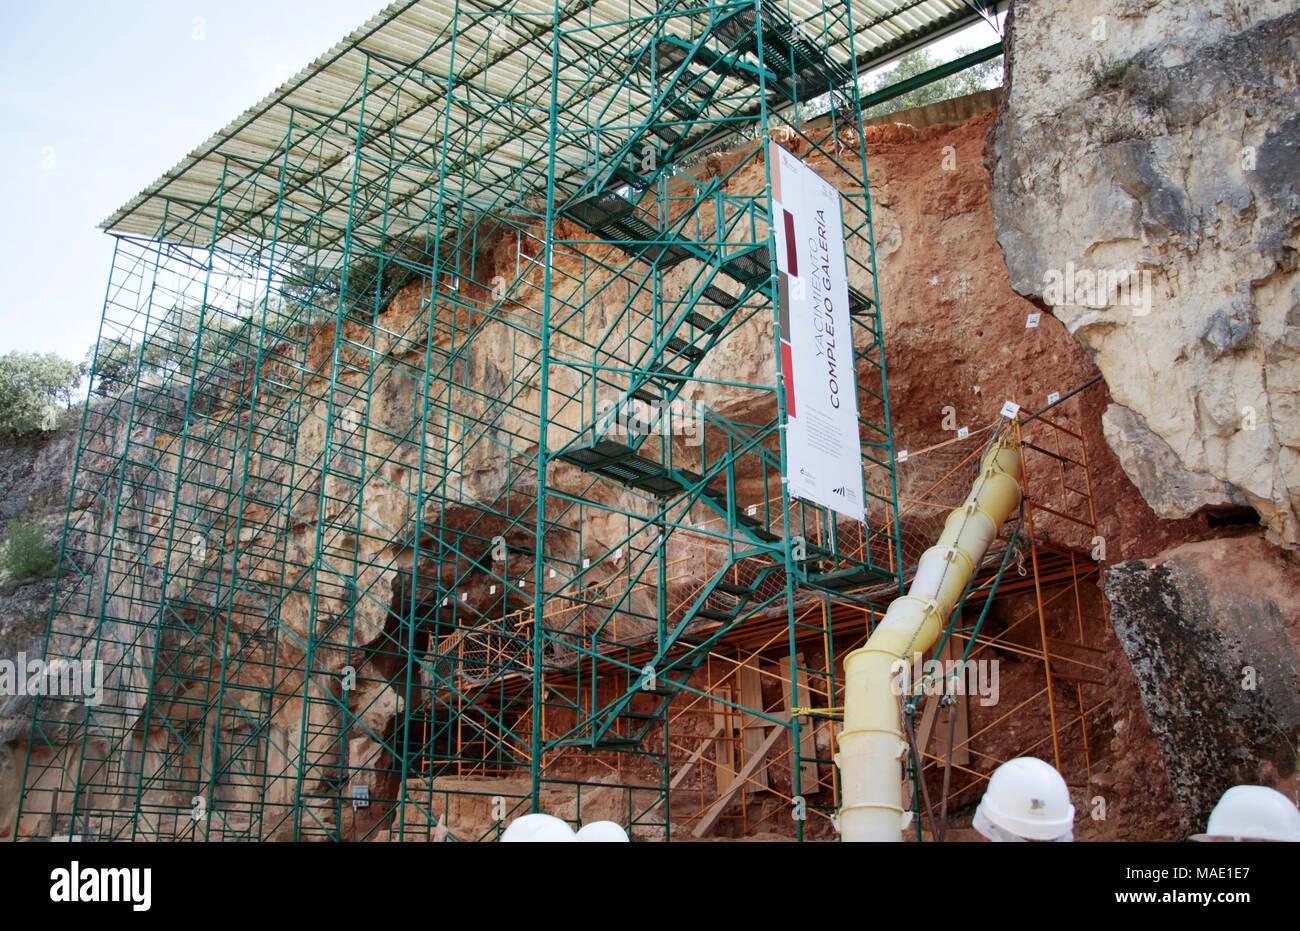 Yacimientos de Atapuerca, Burgos, España - Stock Image